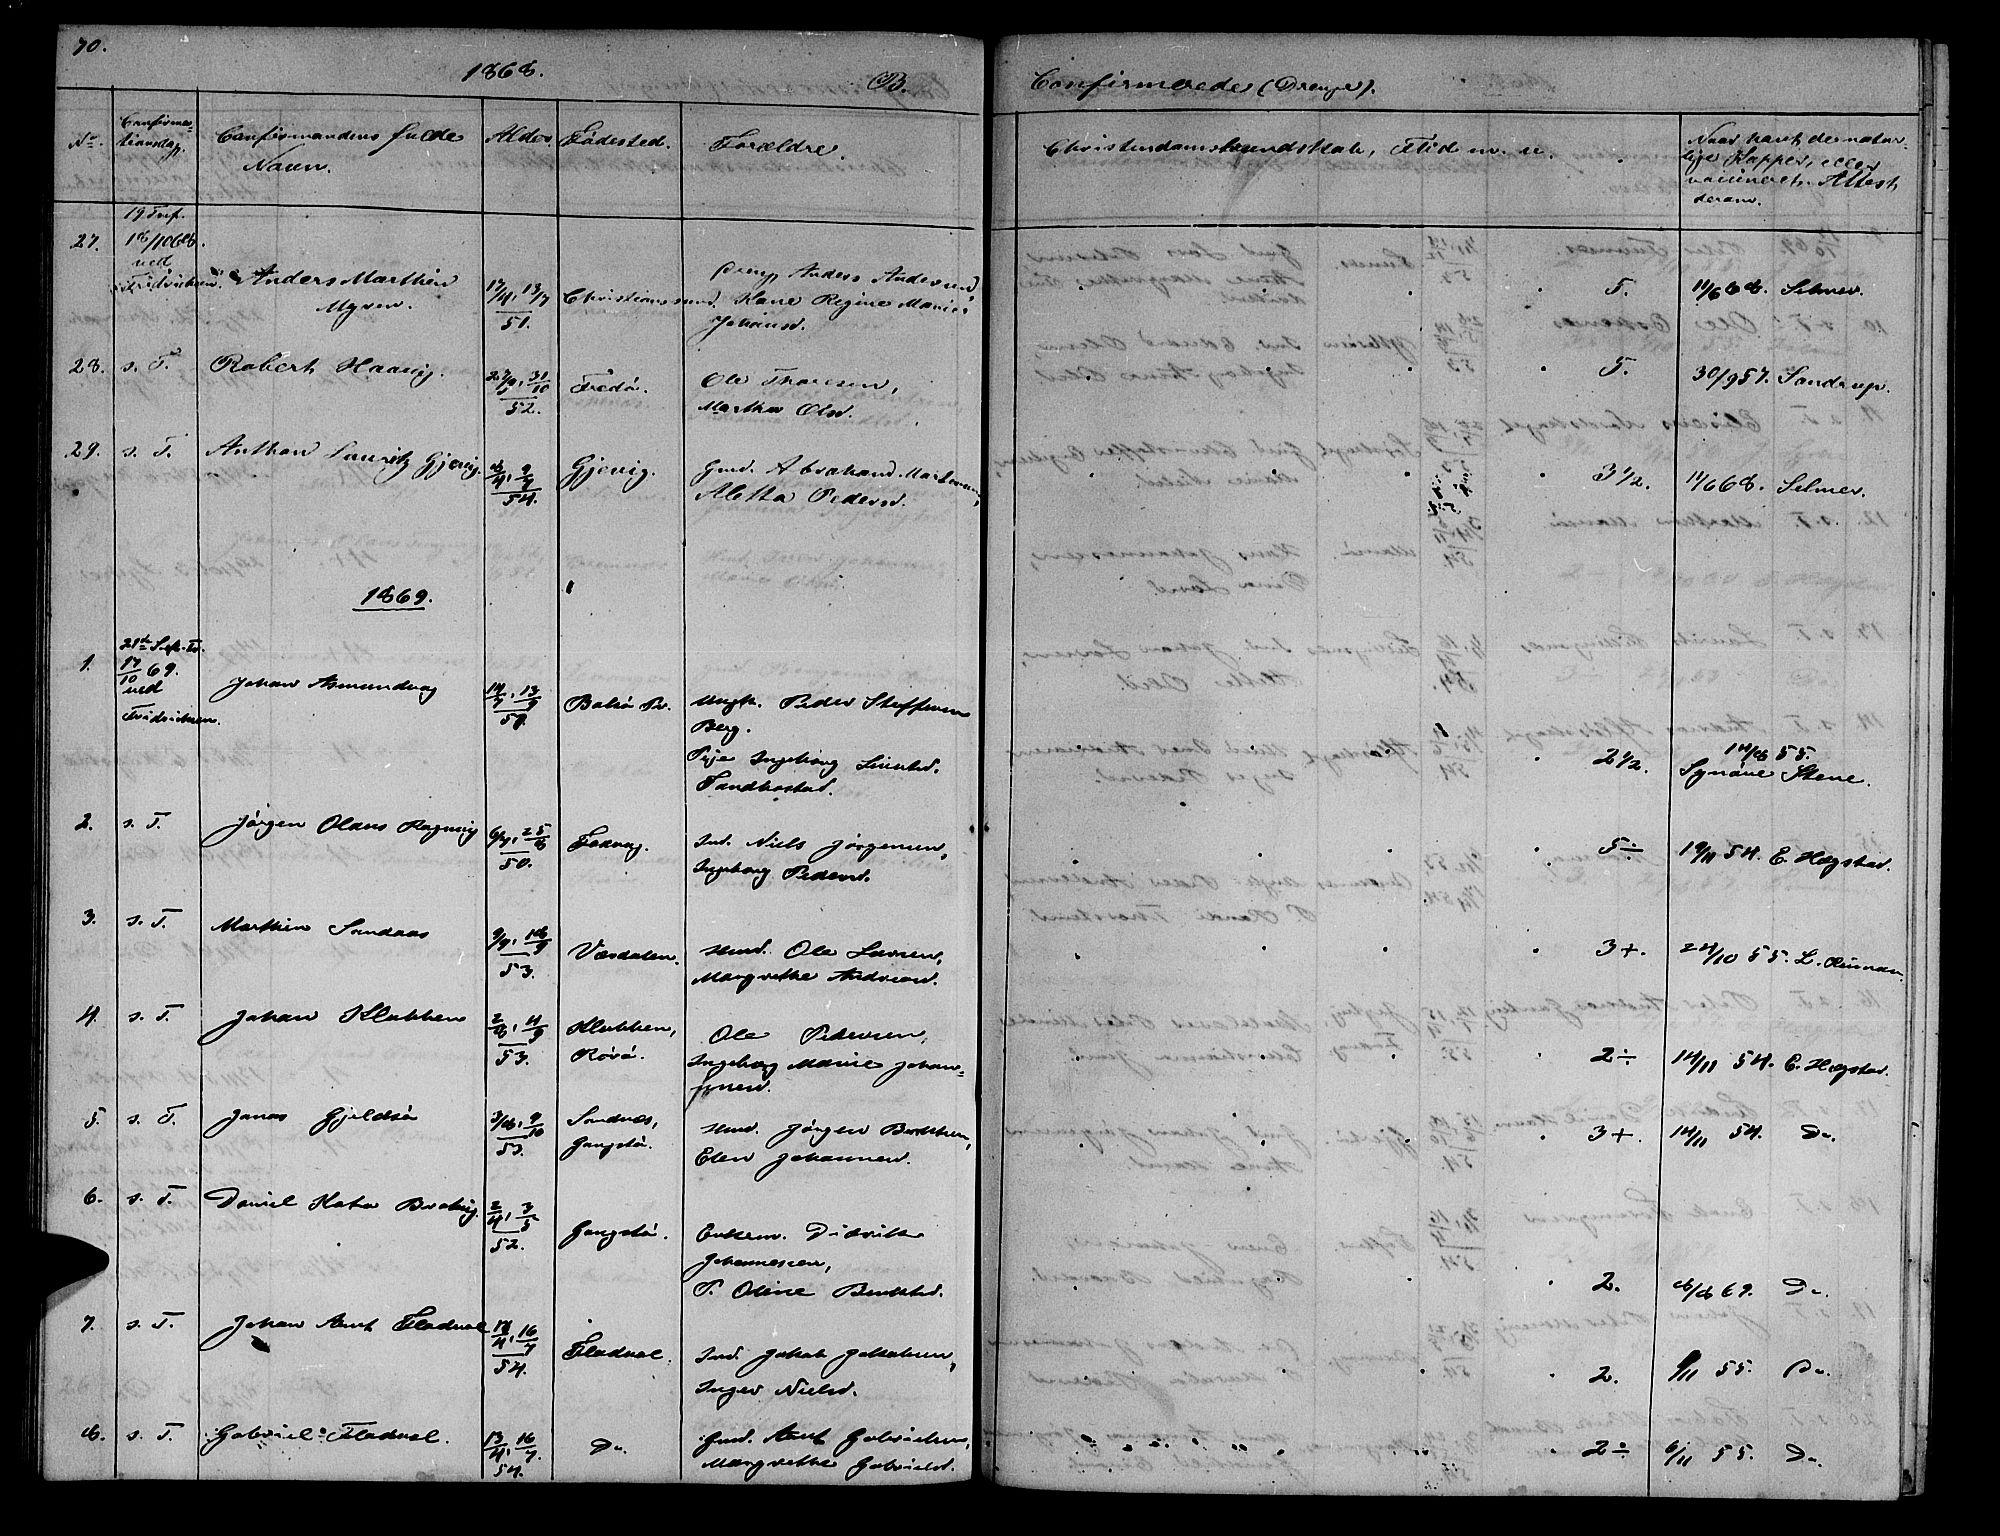 SAT, Ministerialprotokoller, klokkerbøker og fødselsregistre - Sør-Trøndelag, 634/L0539: Klokkerbok nr. 634C01, 1866-1873, s. 70